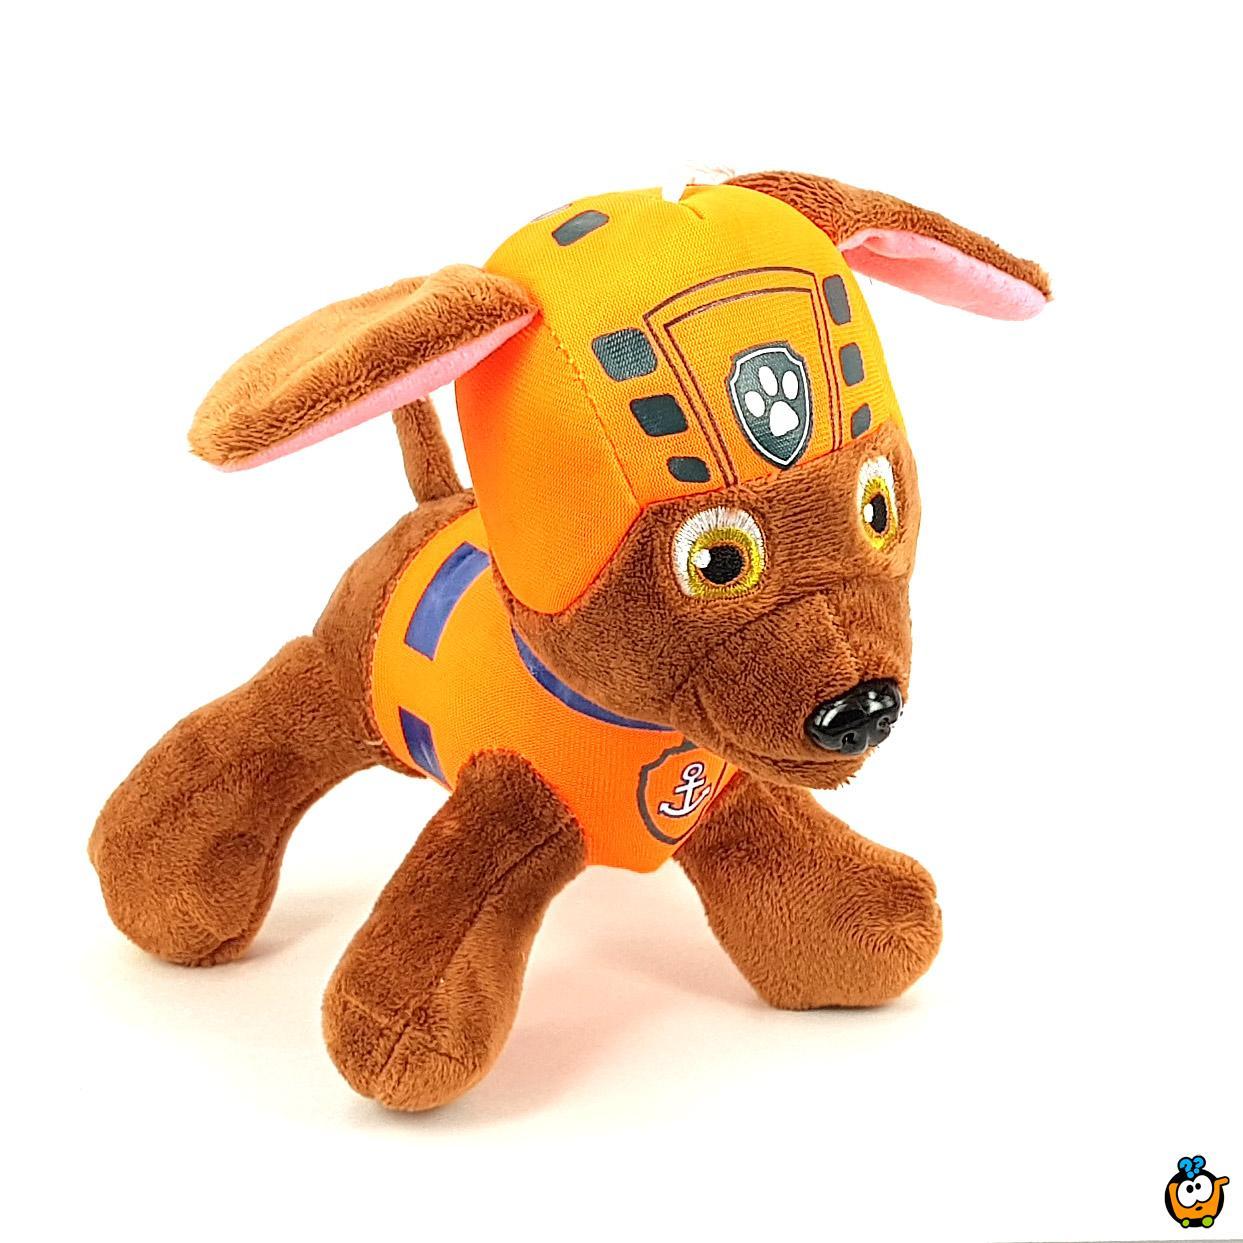 Patrolne šape plišana igračka  - Zuma